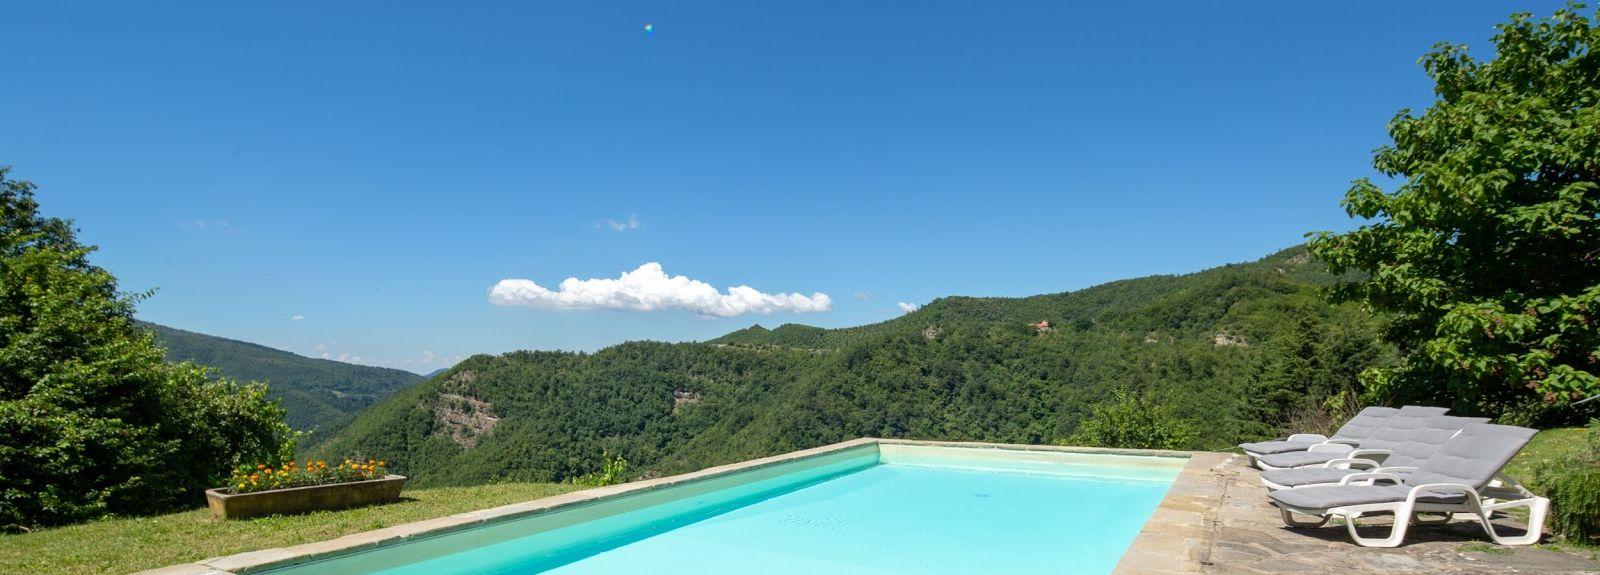 Tredozio, Émilie-Romagne, Italie